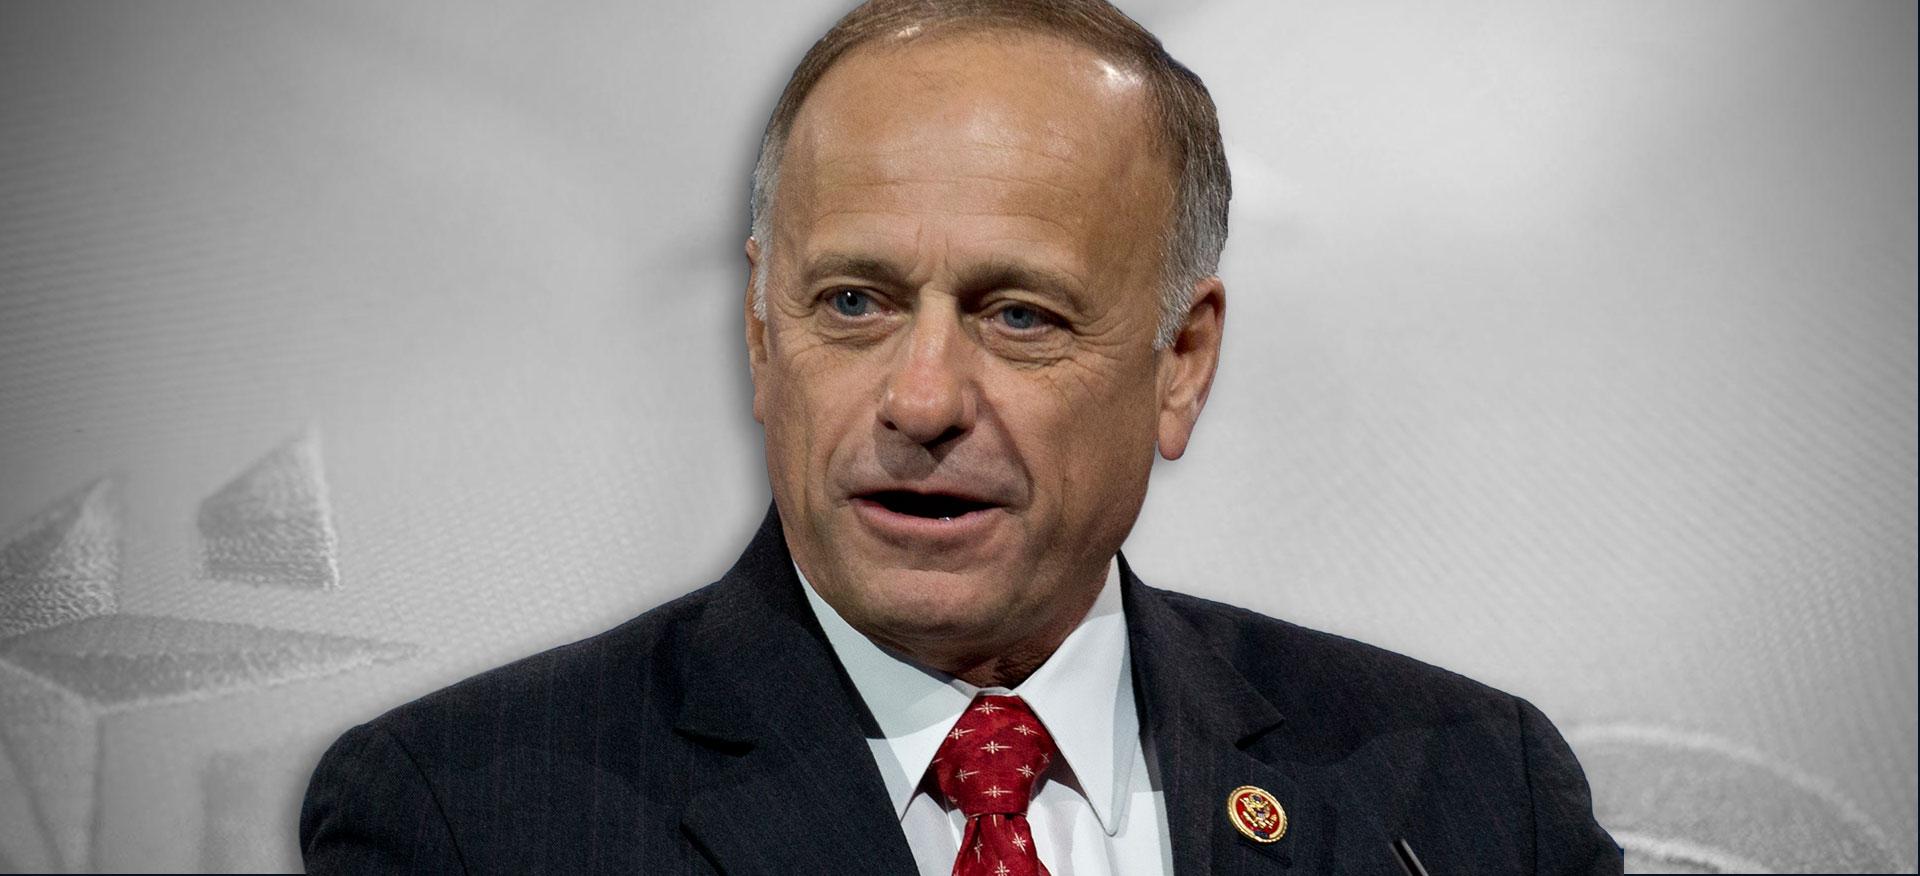 U.S. Representative Steve King Rep. Steve King